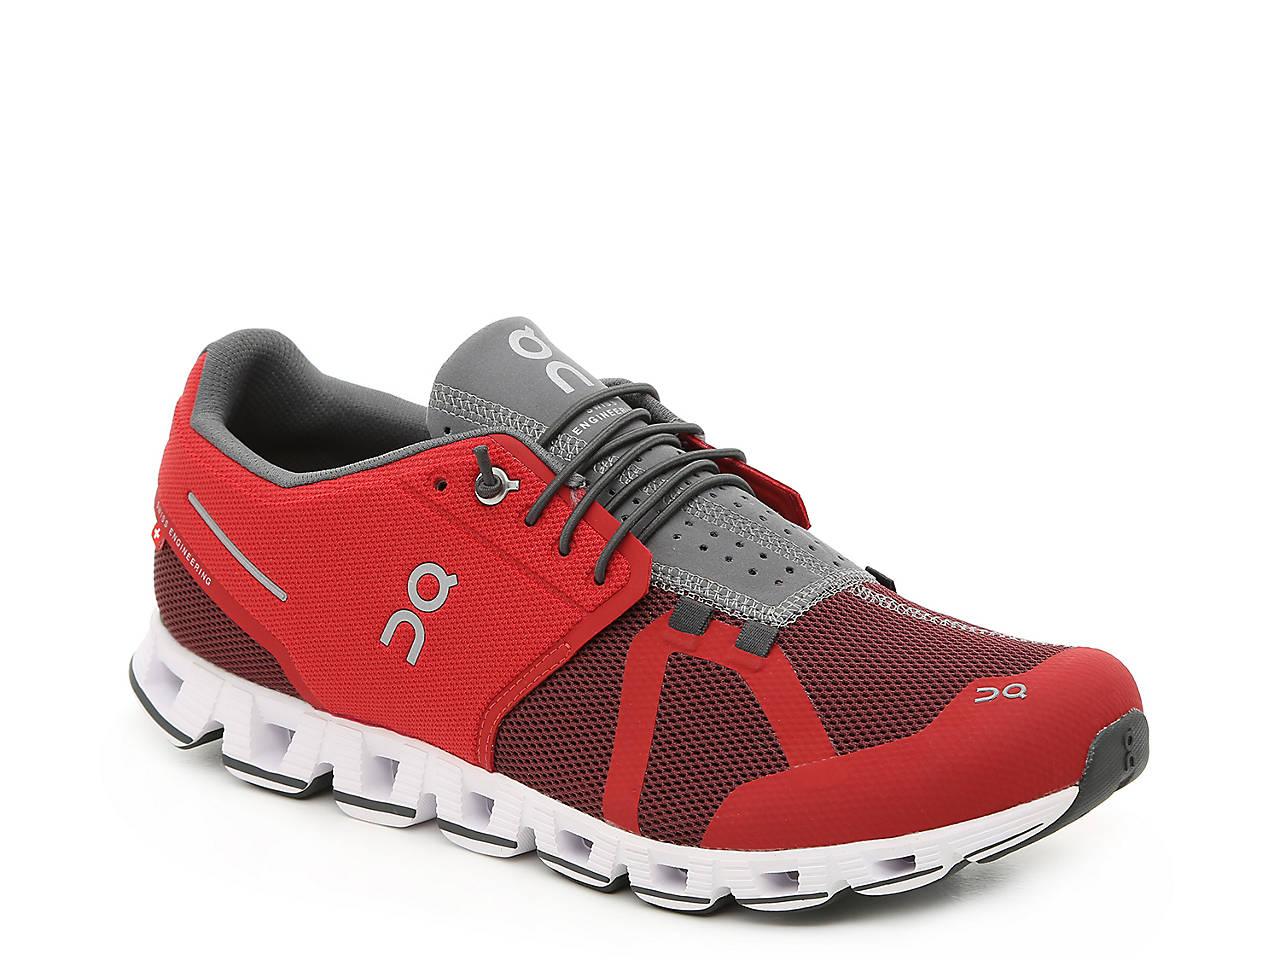 e819391d3e12 On Cloud 2.0 Lightweight Running Shoe - Men s Men s Shoes